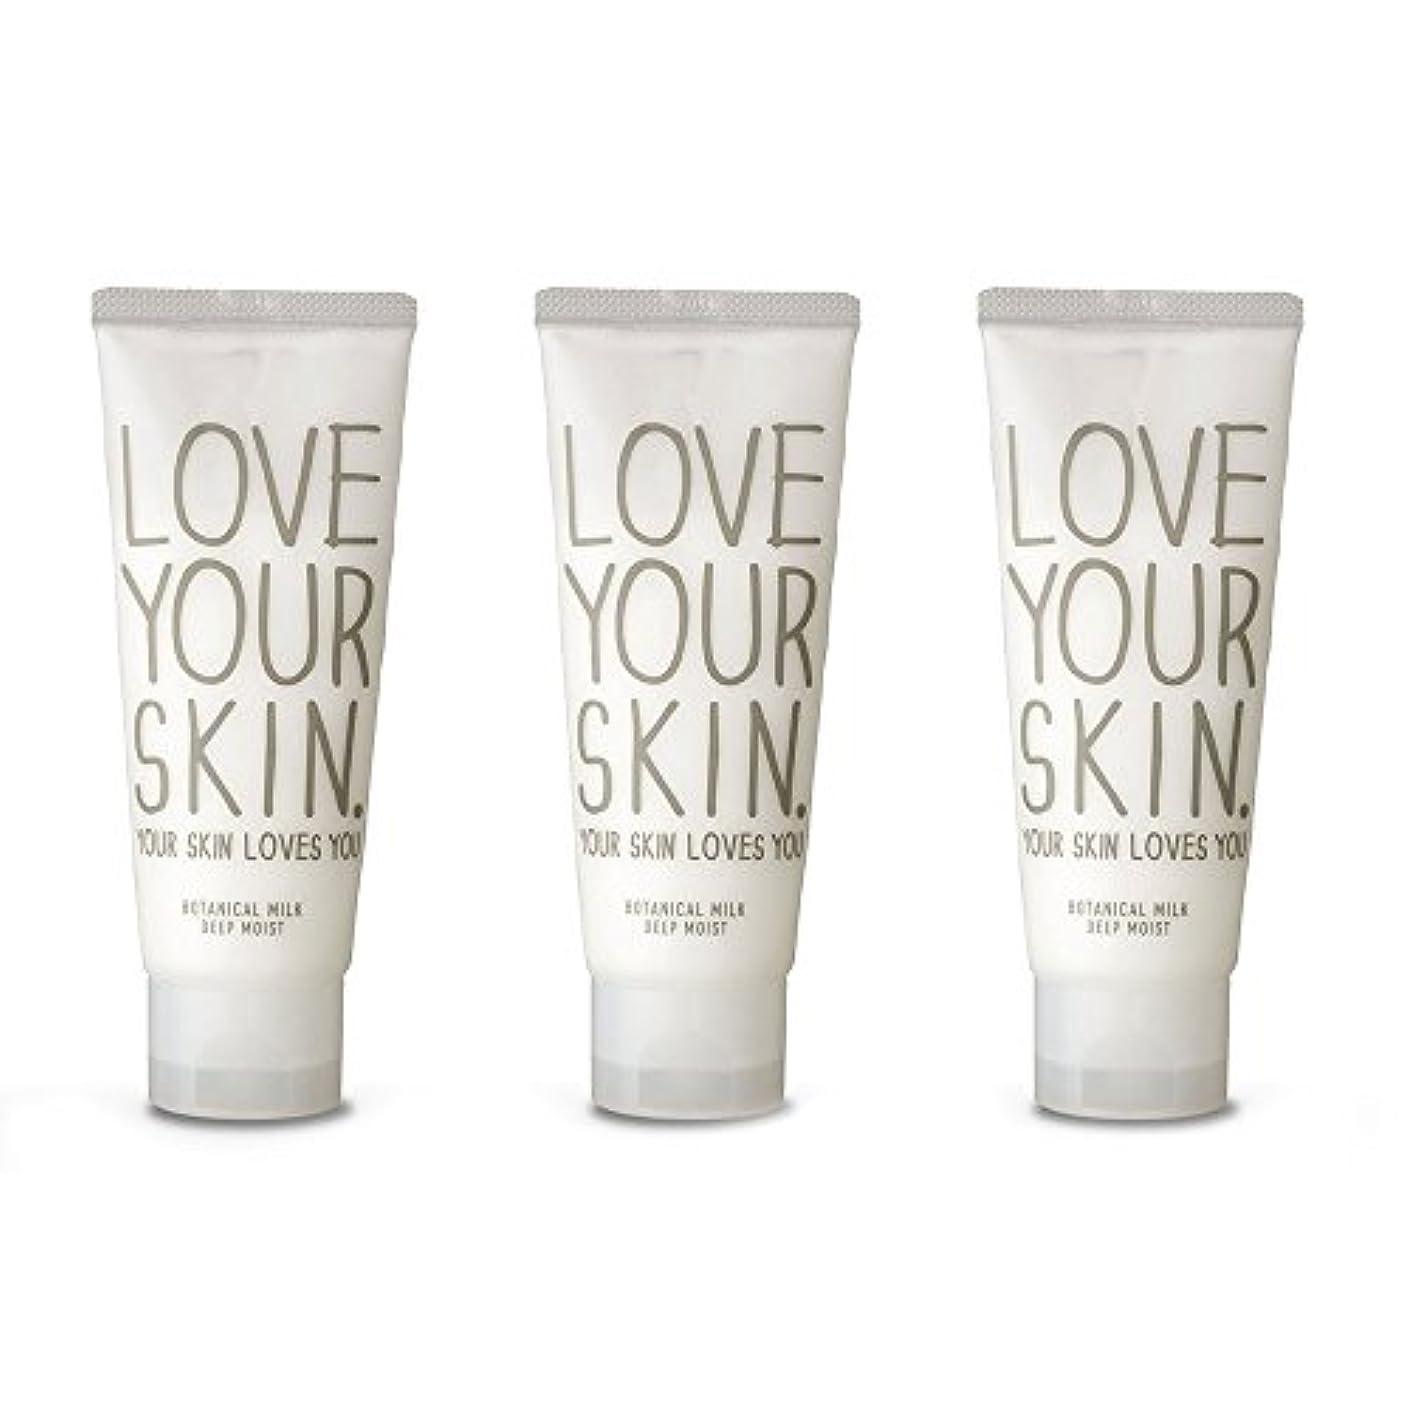 ことわざリサイクルする以内に【セット】LOVE YOUR SKIN ボタニカルミルク Ⅱ (乳液) 100g 3本セット